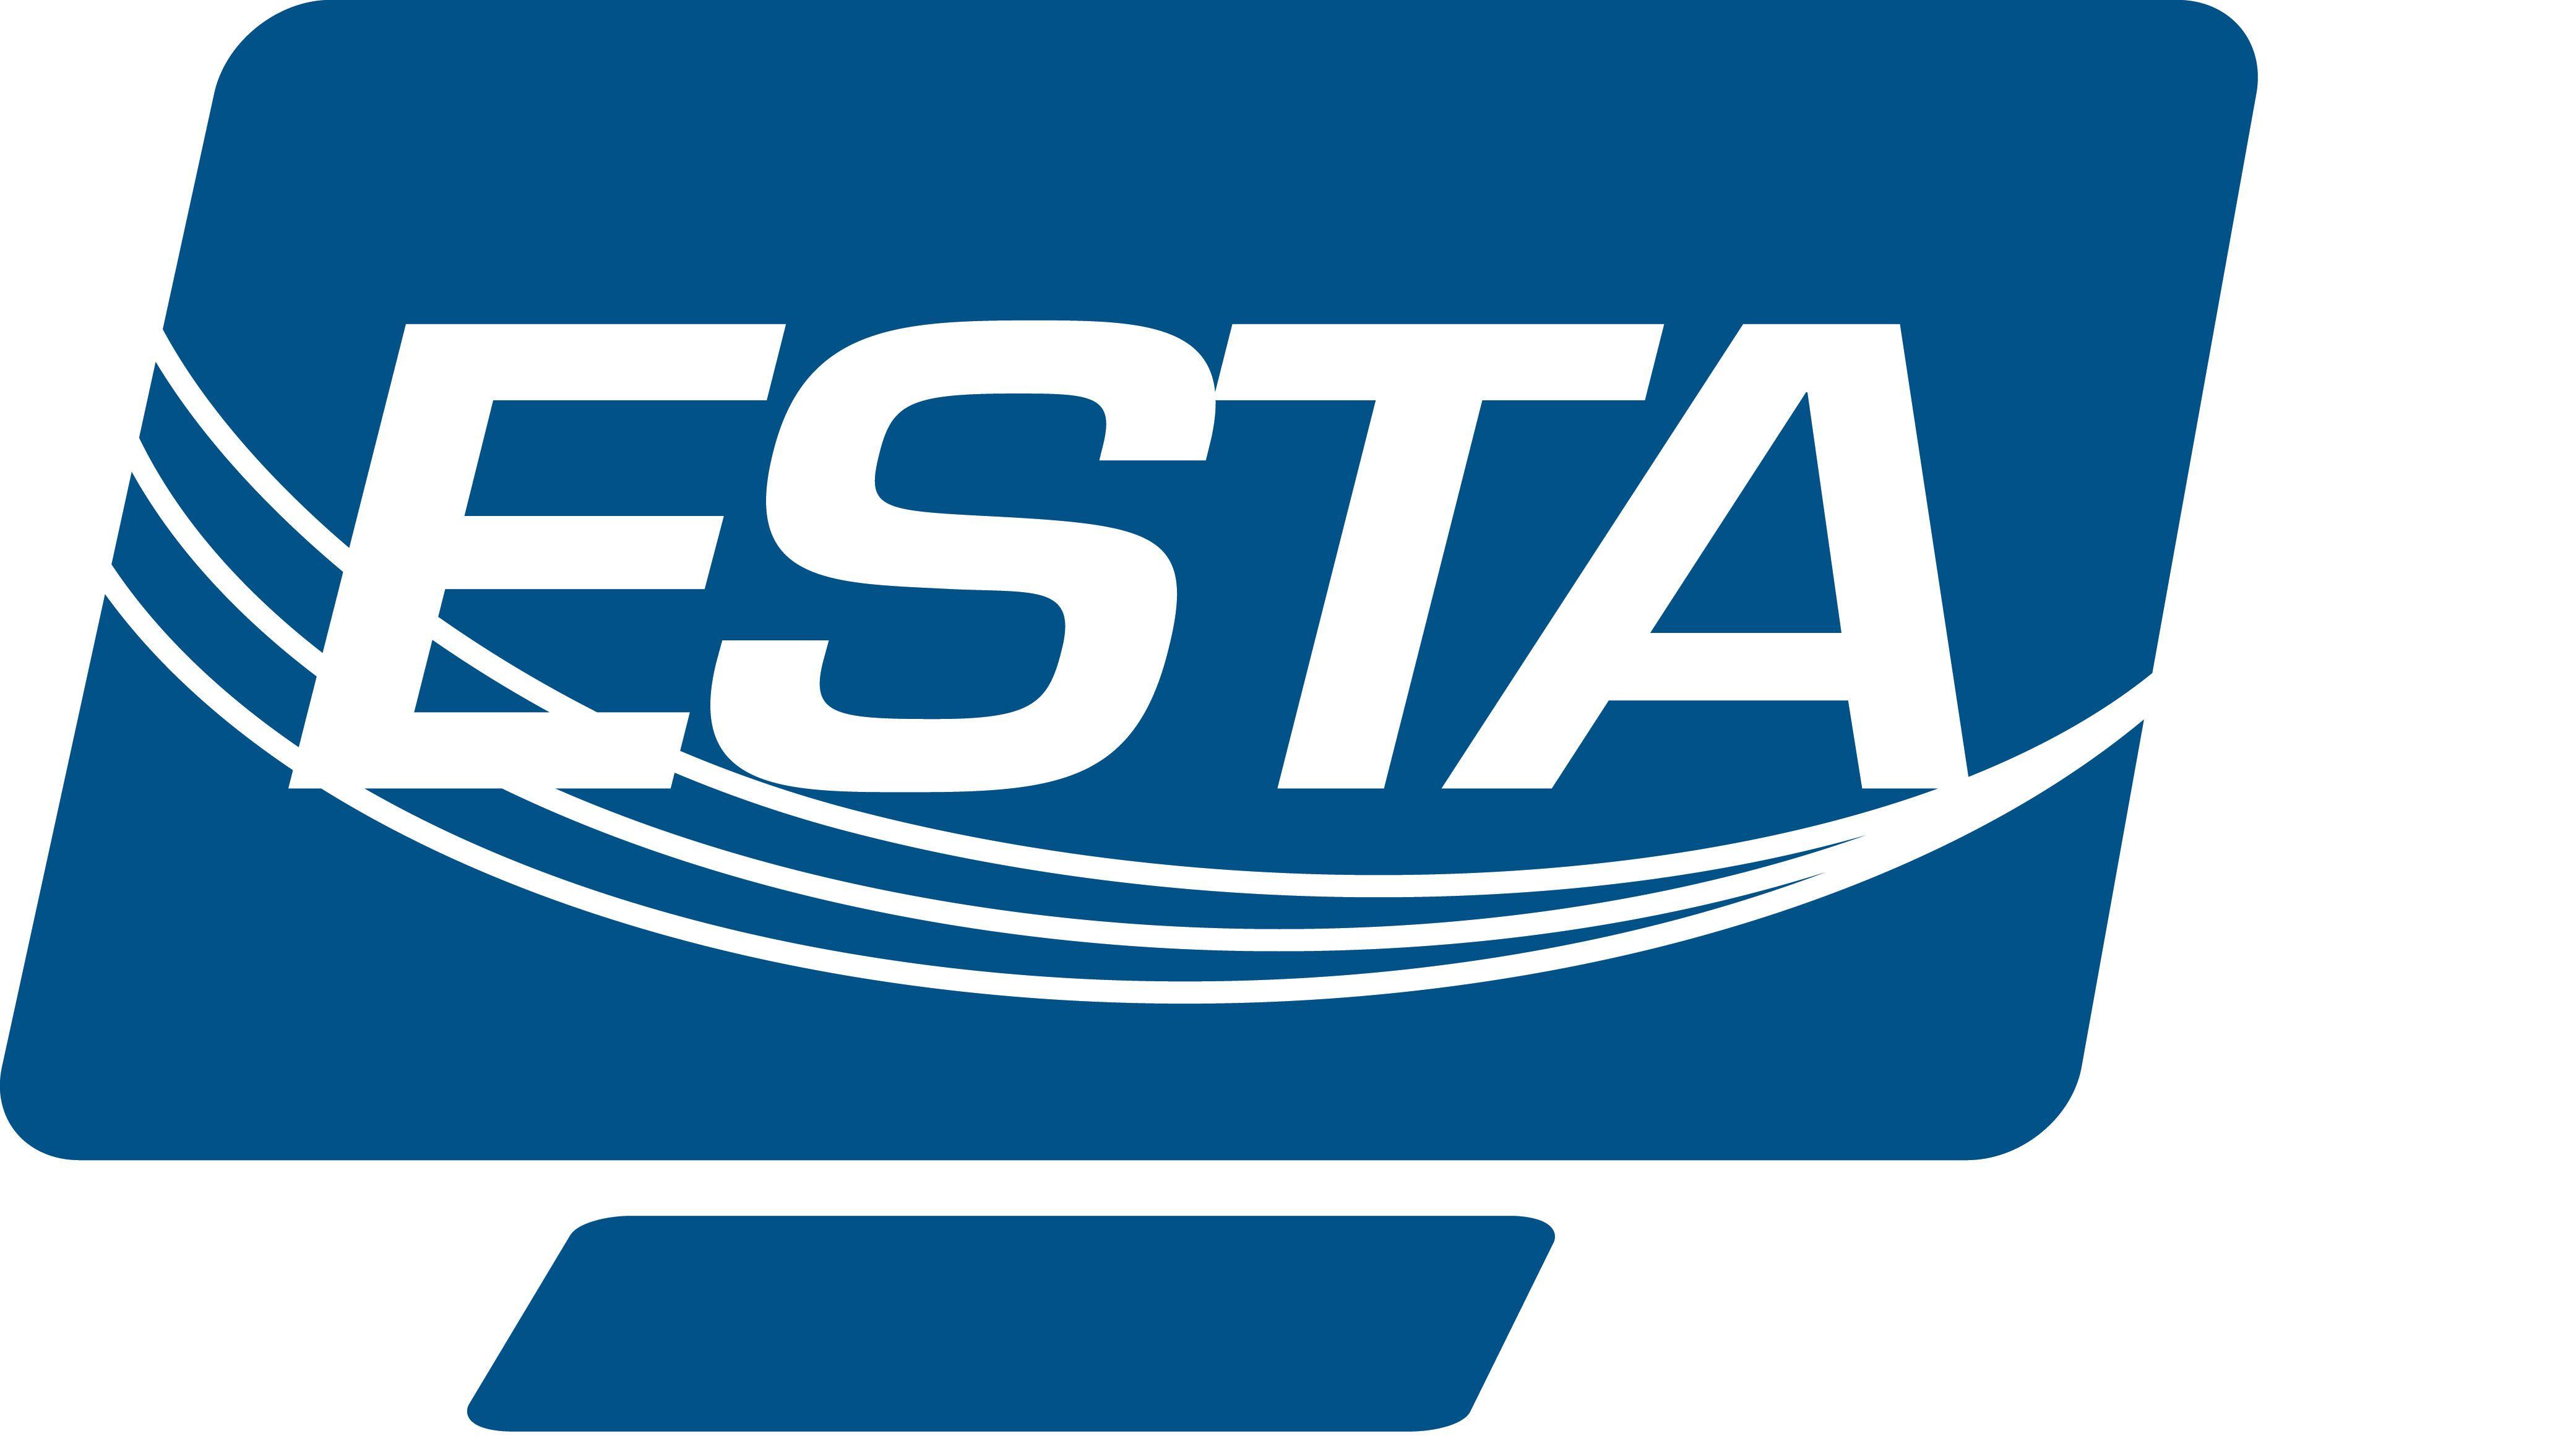 Quels sont les avantages procurés par l'autorisation ESTA ?